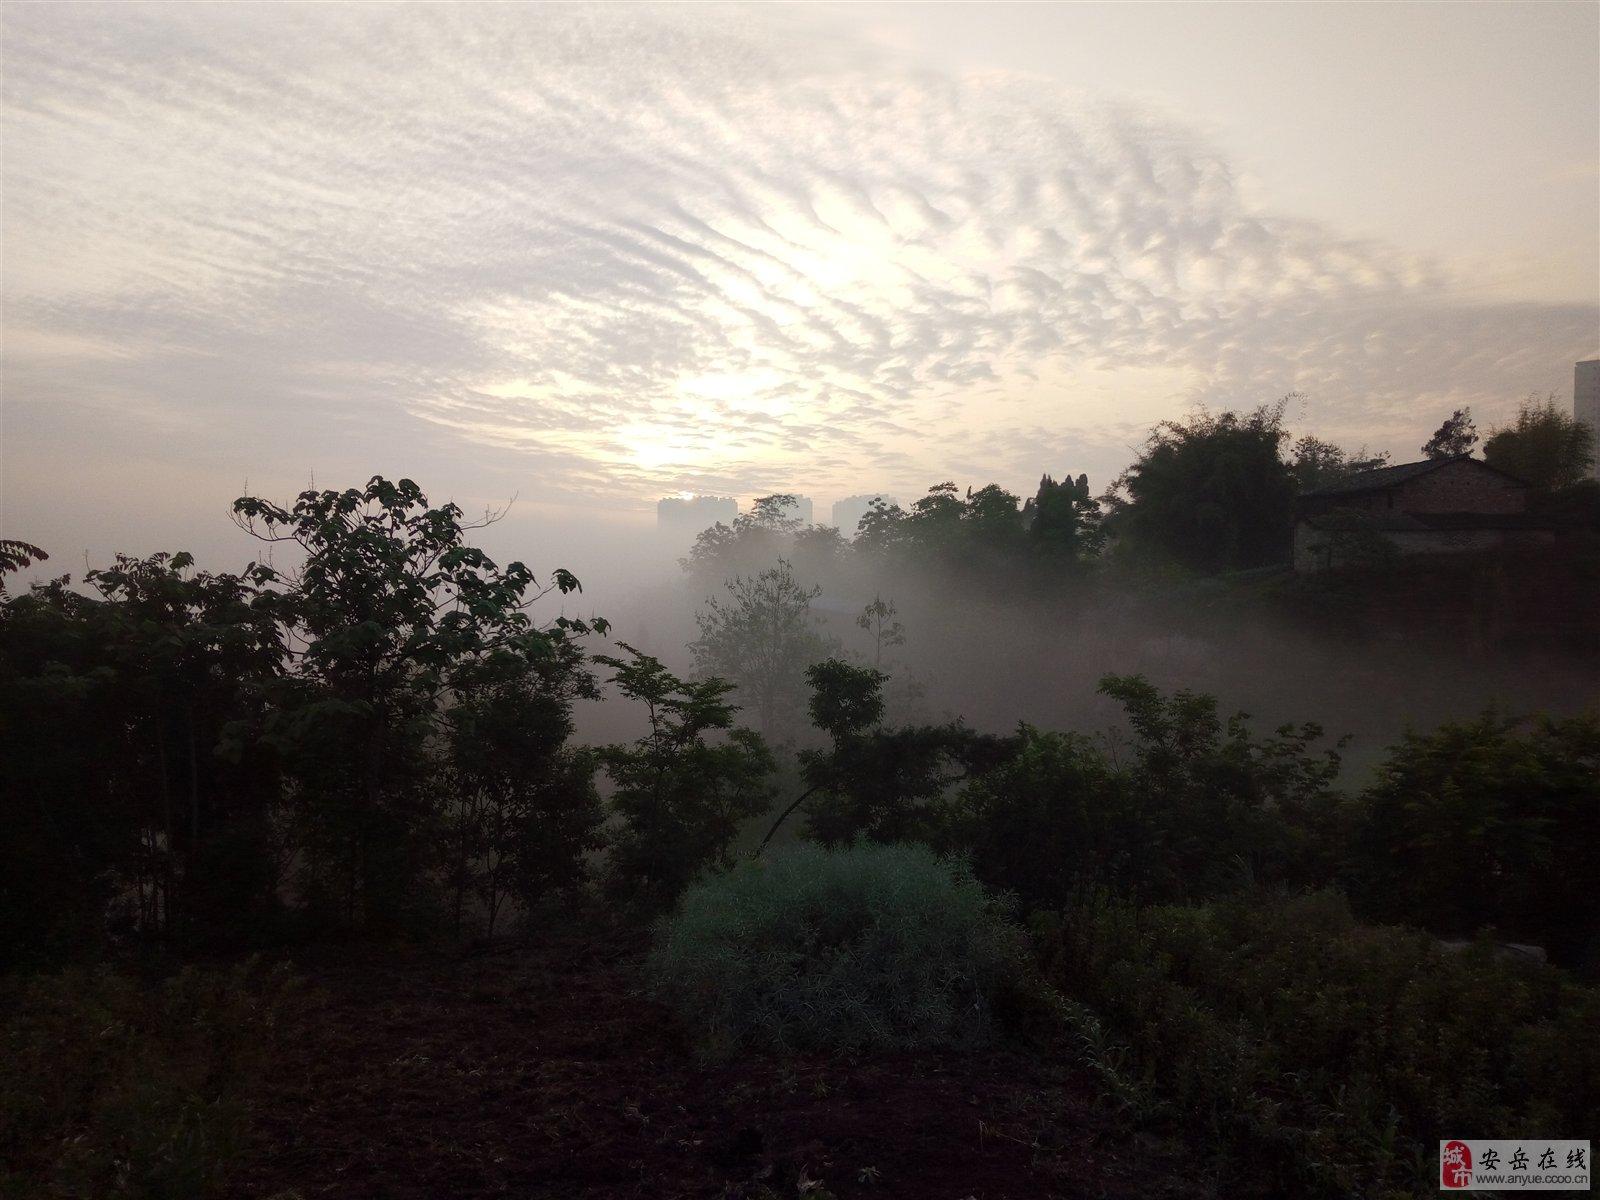 雾中树木黑白画